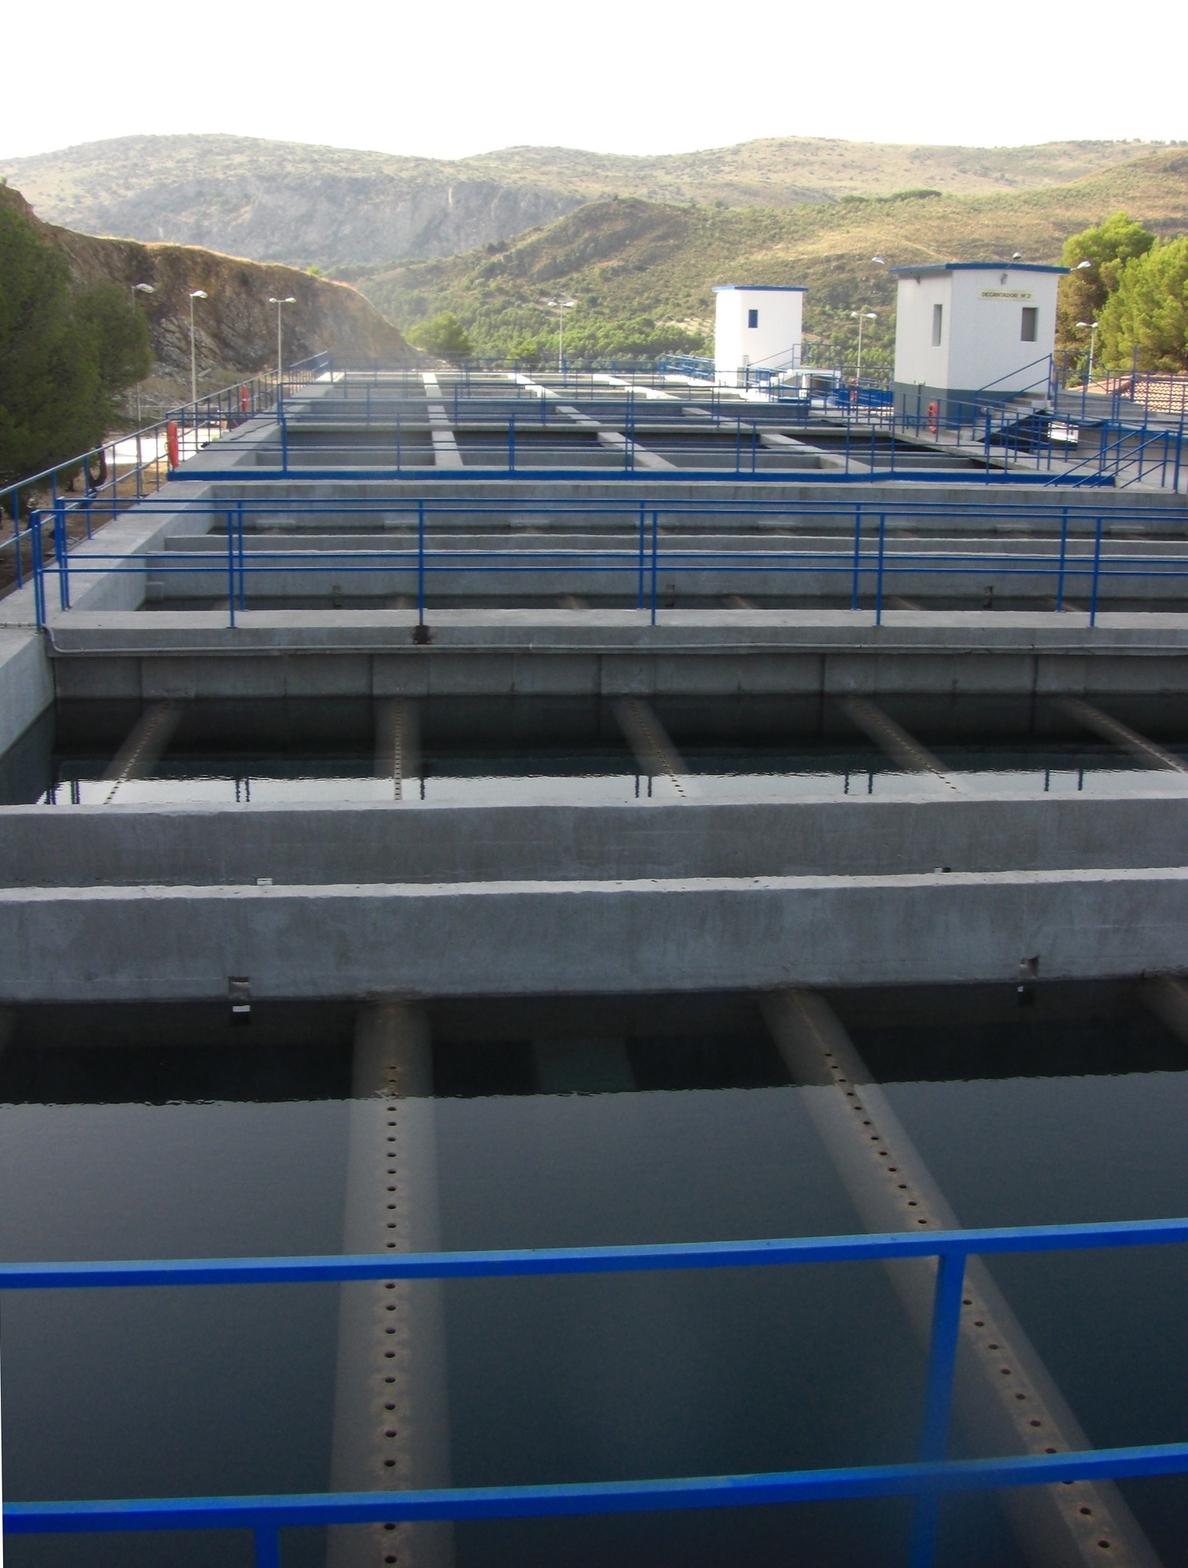 Diputación inicia obras de renovación, ampliación y modernización de las infraestructuras hidráulicas del Sur